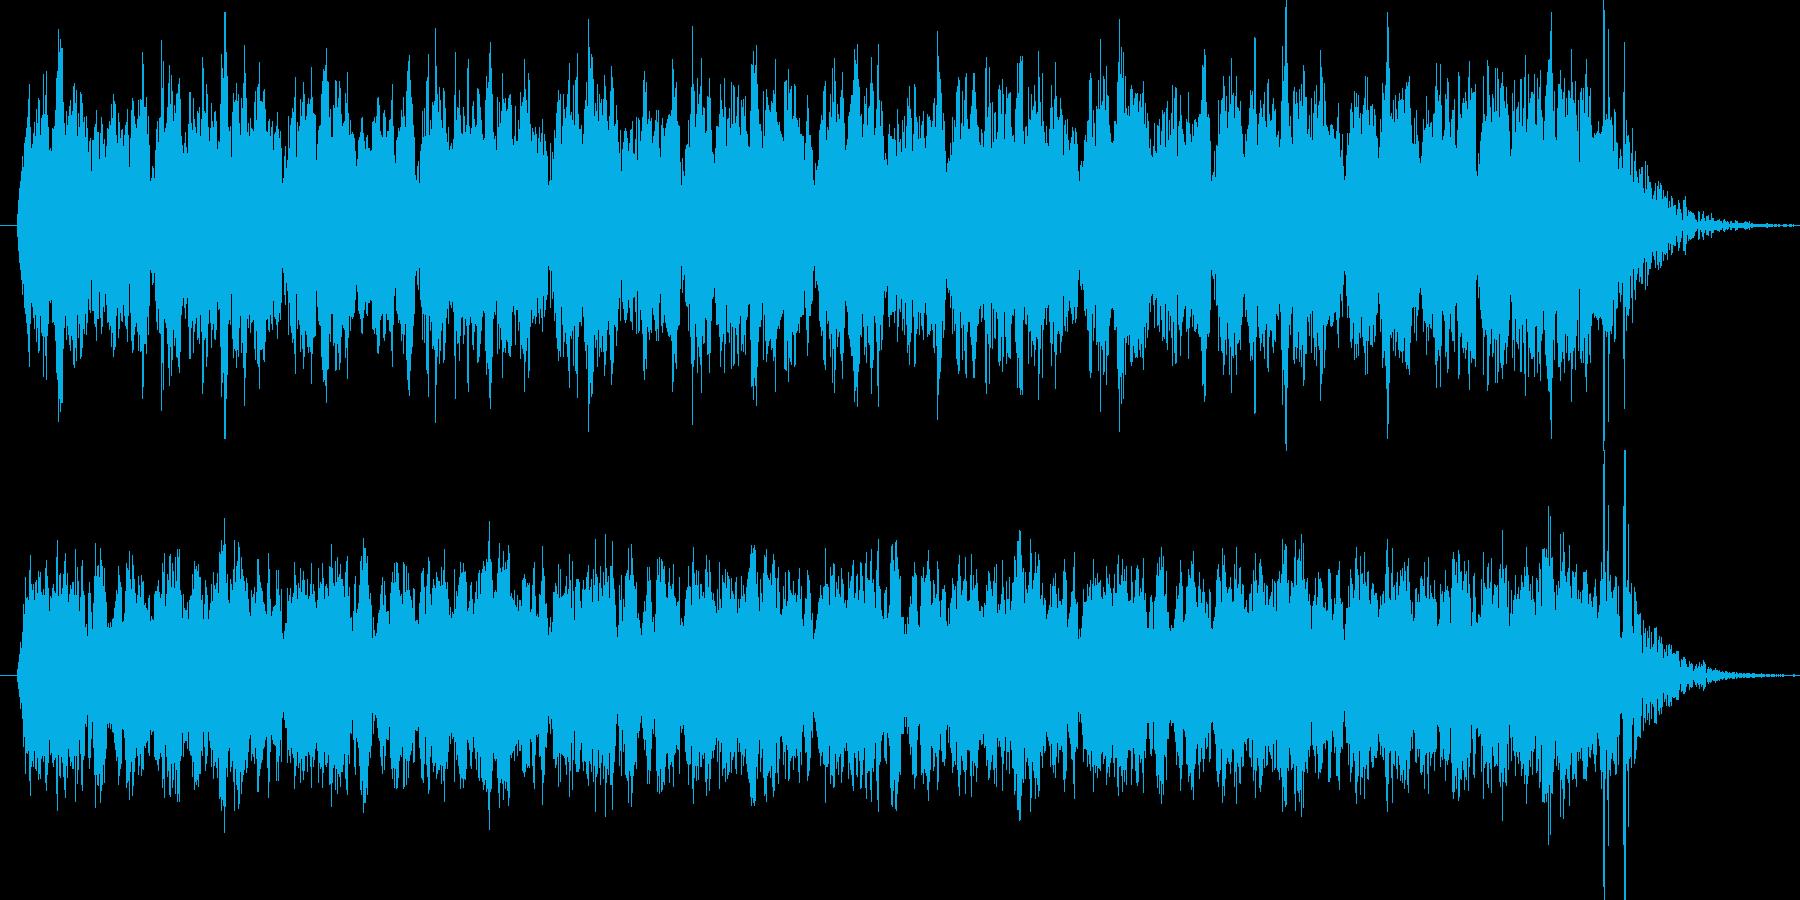 ホラー映画にありそうな聖歌隊BGMの再生済みの波形